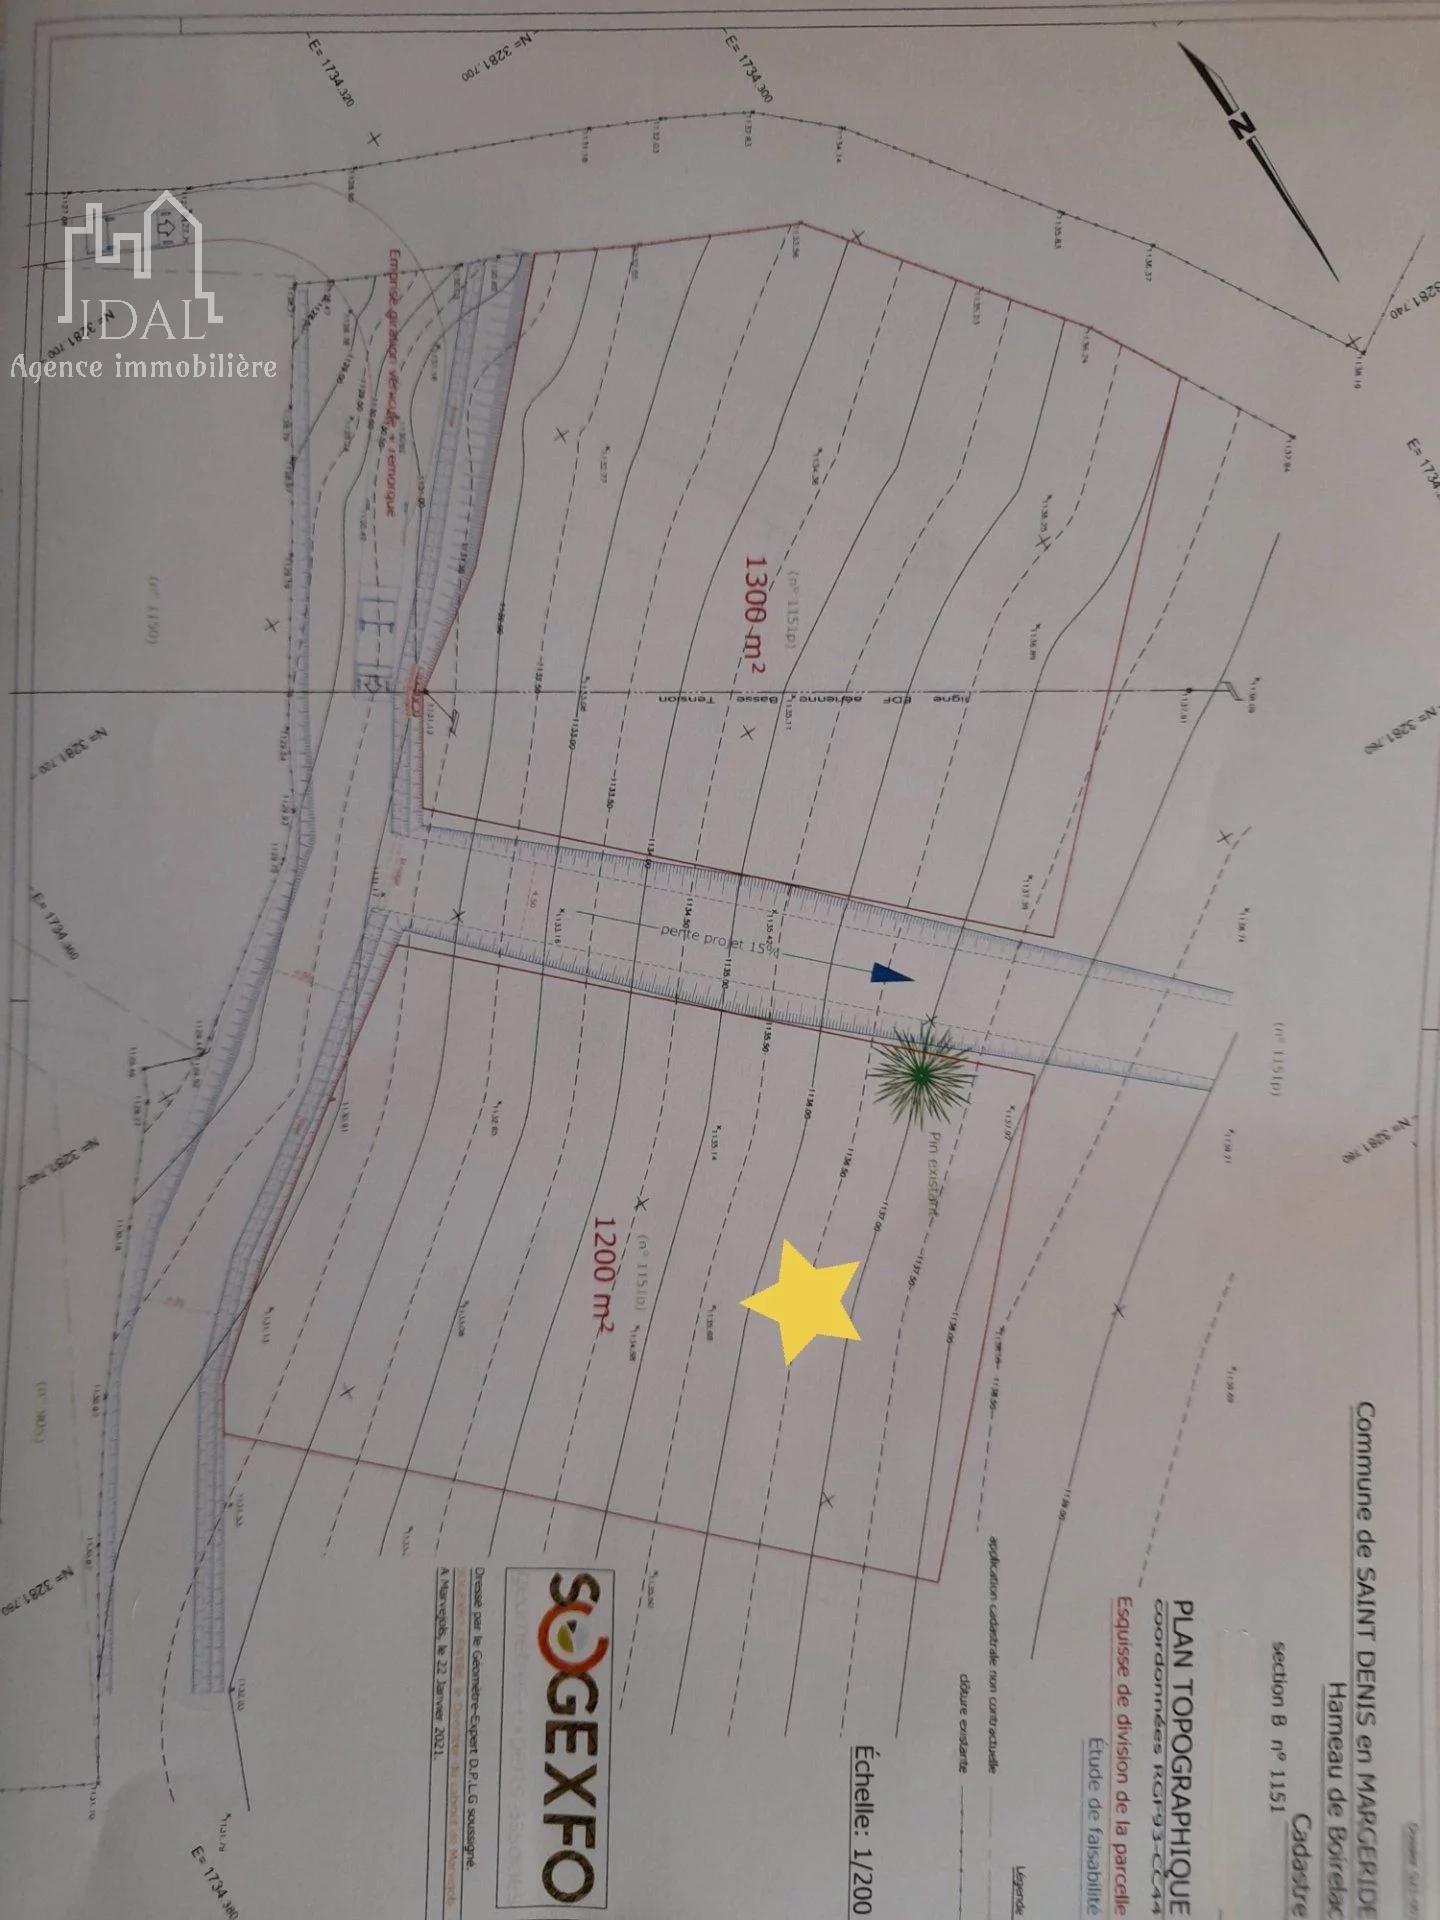 Dernier lot-Boirelac(St Denis en Margeride)-Terrain 1300 m² constructible